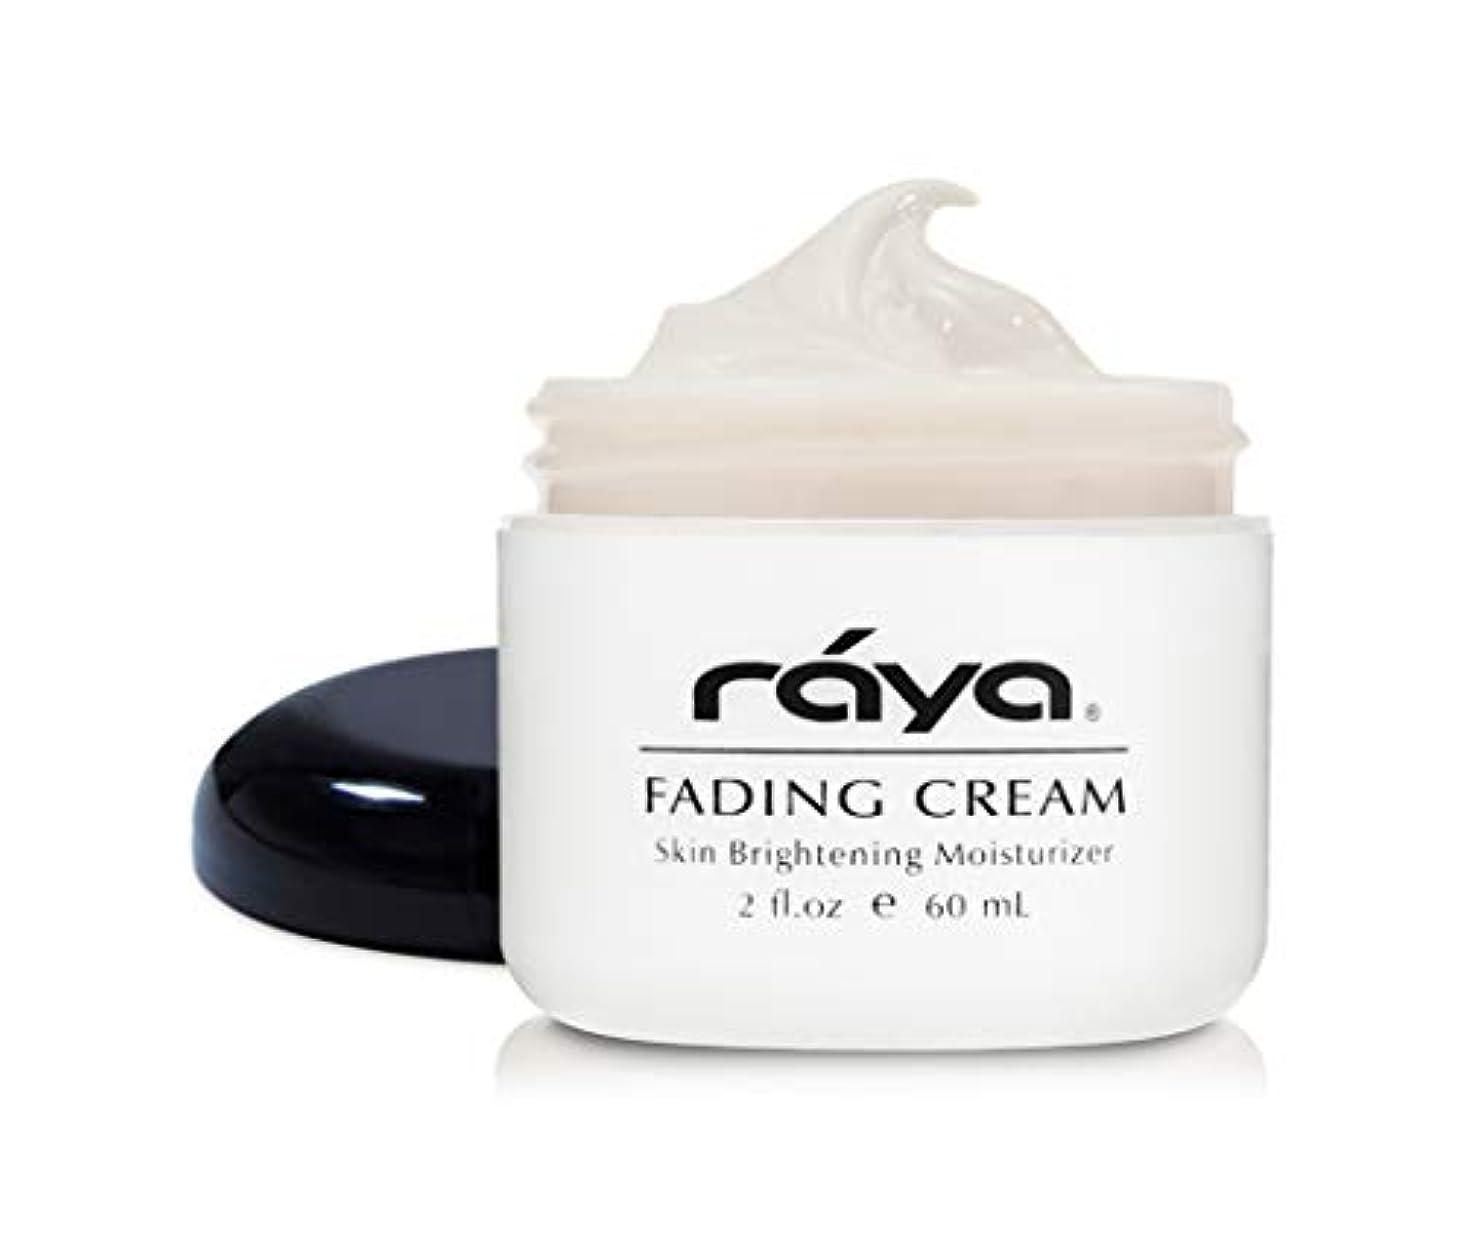 フィヨルド冬乳剤Raya フェージングクリーム(321) ノンオイリー肌のためのブライトニングと保湿フェイスクリーム 肌を明るく支援します 最良の結果は4-6週間後に見られています 2 fl-oz